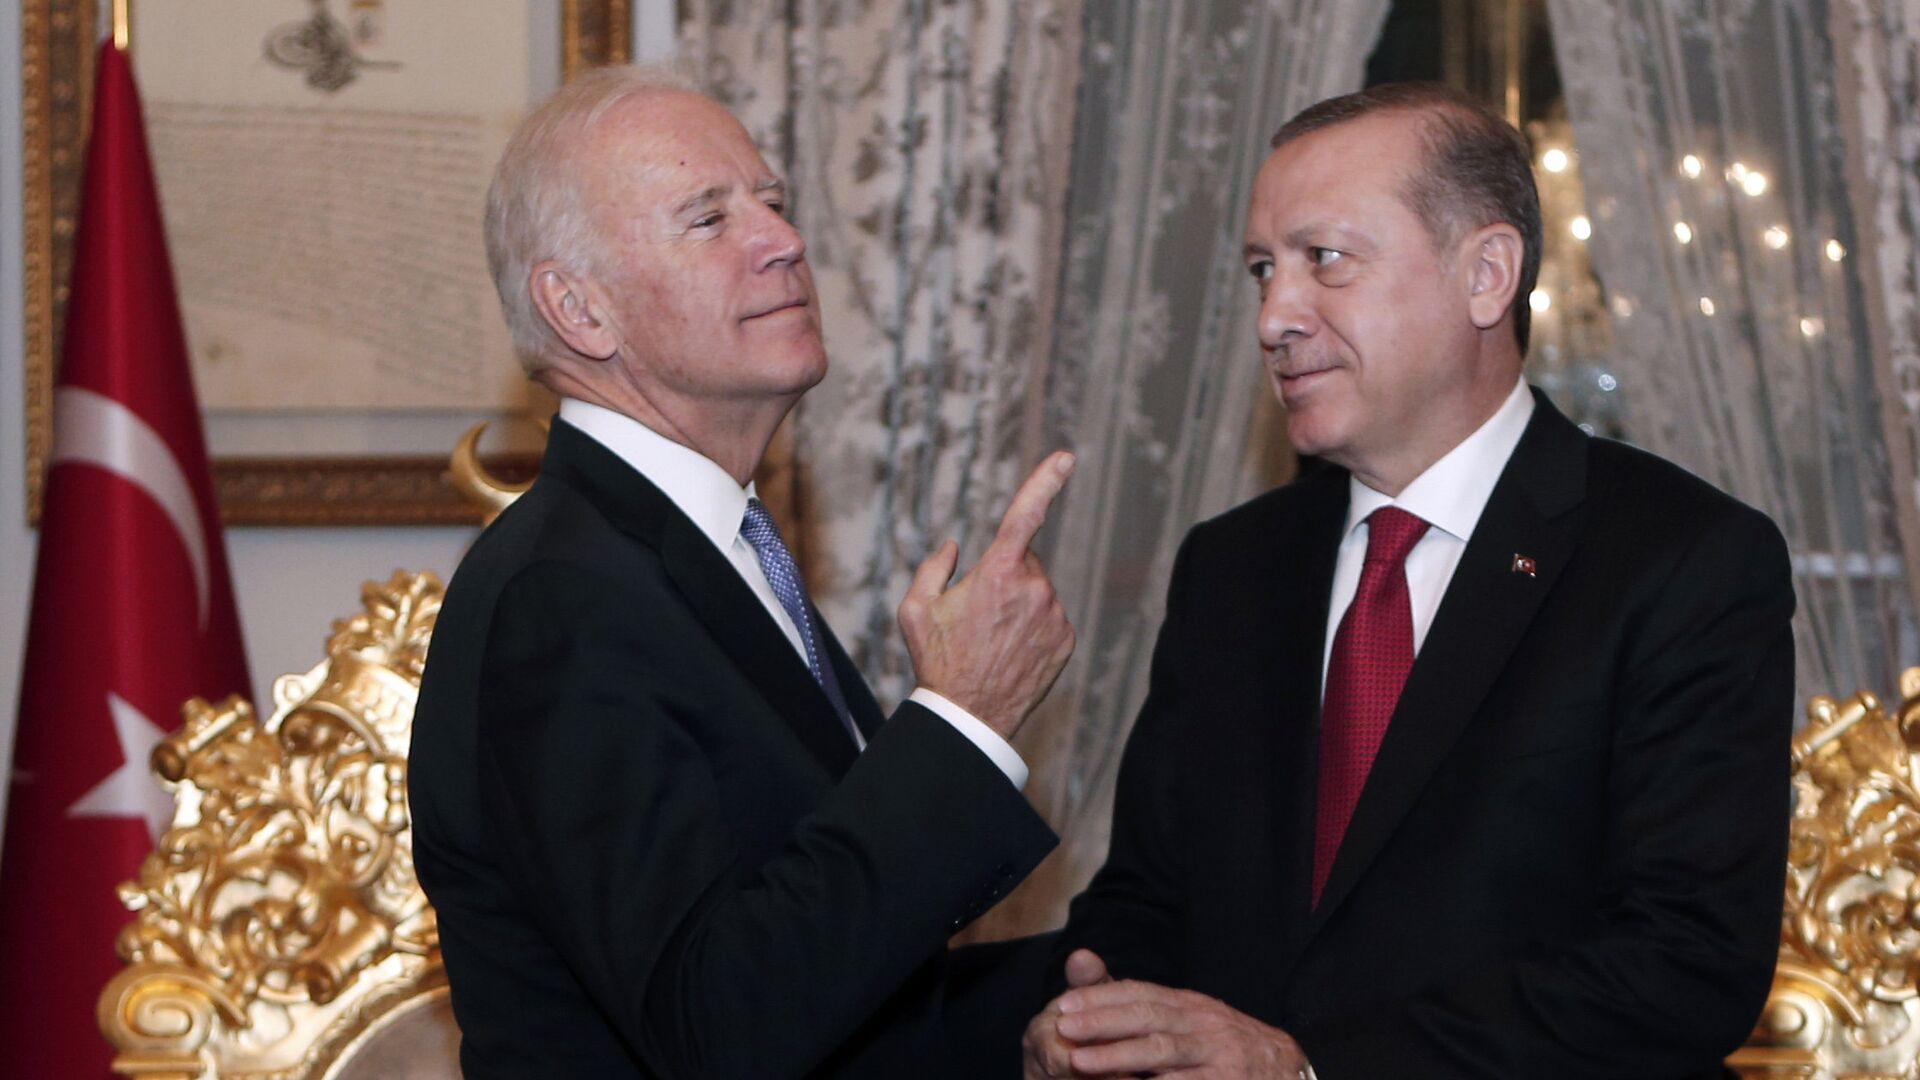 Вице-президент США Джо Байден и президент Турции Тайип Эрдоган - РИА Новости, 1920, 24.09.2021